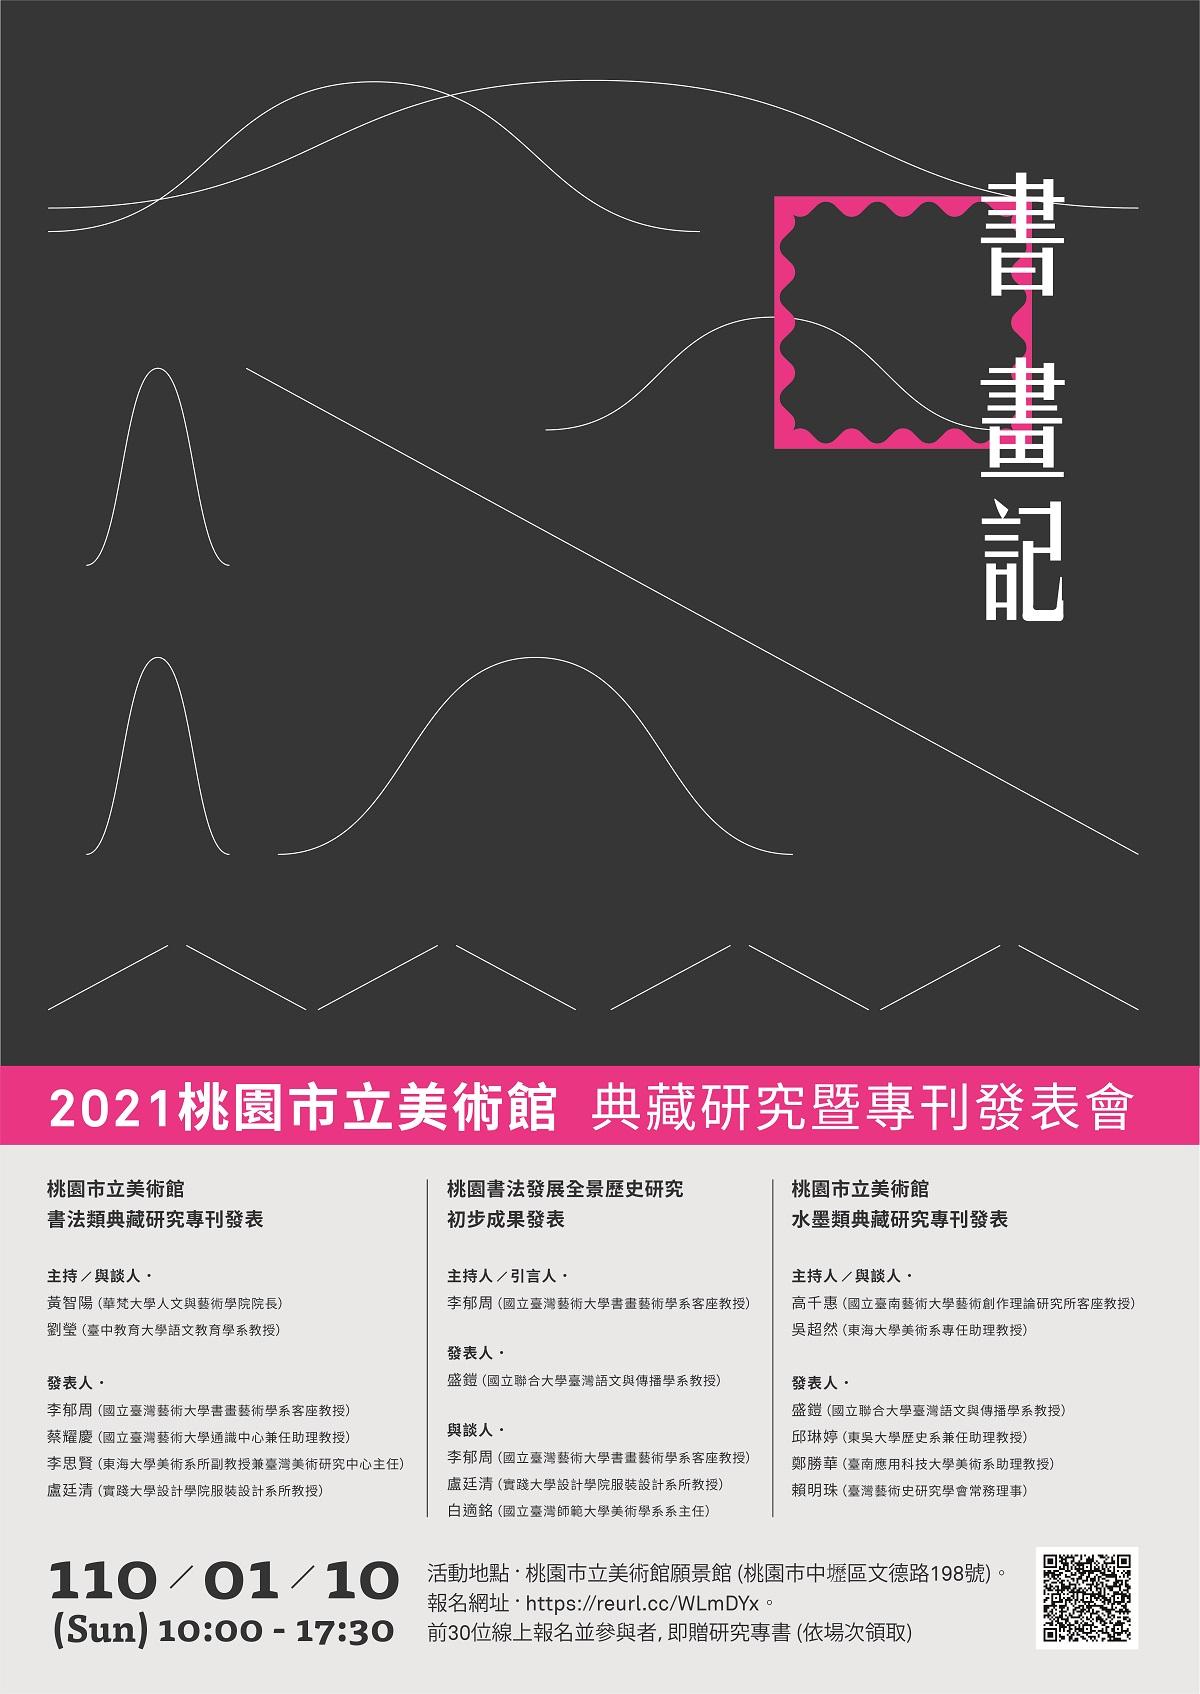 桃園市立美術館:2021/1/10【書畫記 – 2020桃園市立美術館典藏研究暨專刊發表會】